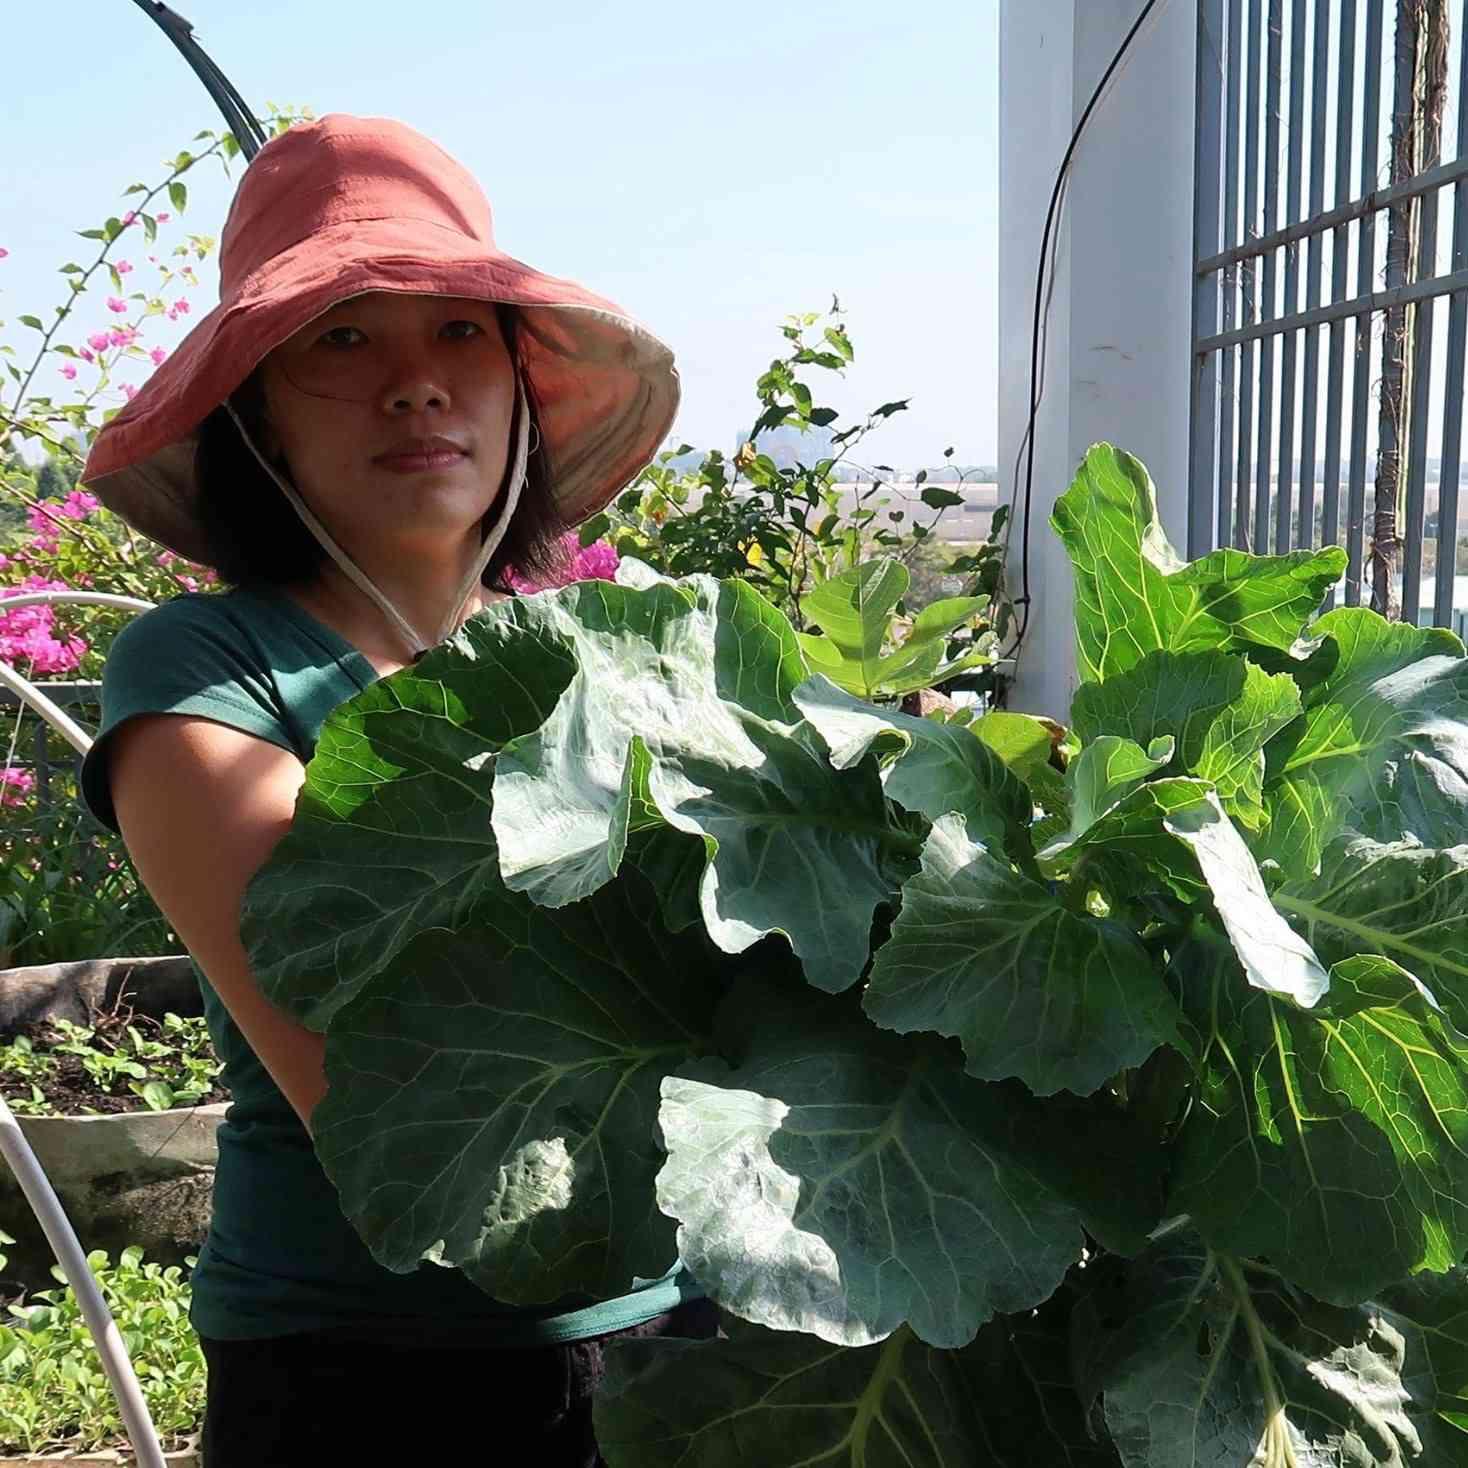 Chán việc văn phòng về trồng vườn rau trên sân thượng, vạn người mê - 1